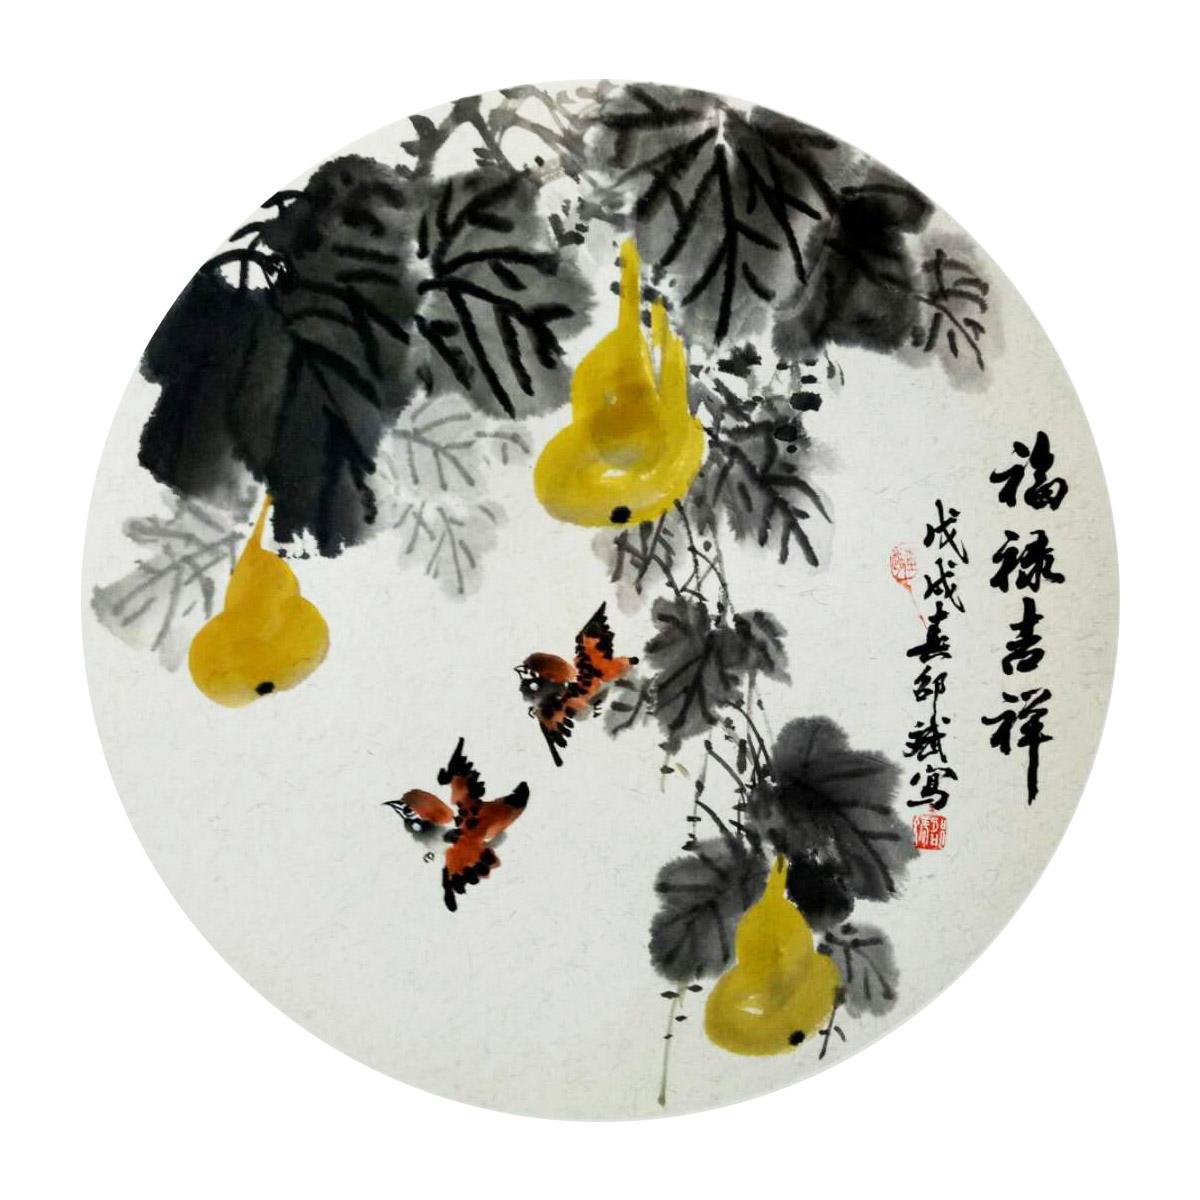 福禄吉祥 葫芦、家雀 圆形扇面 戊戌春